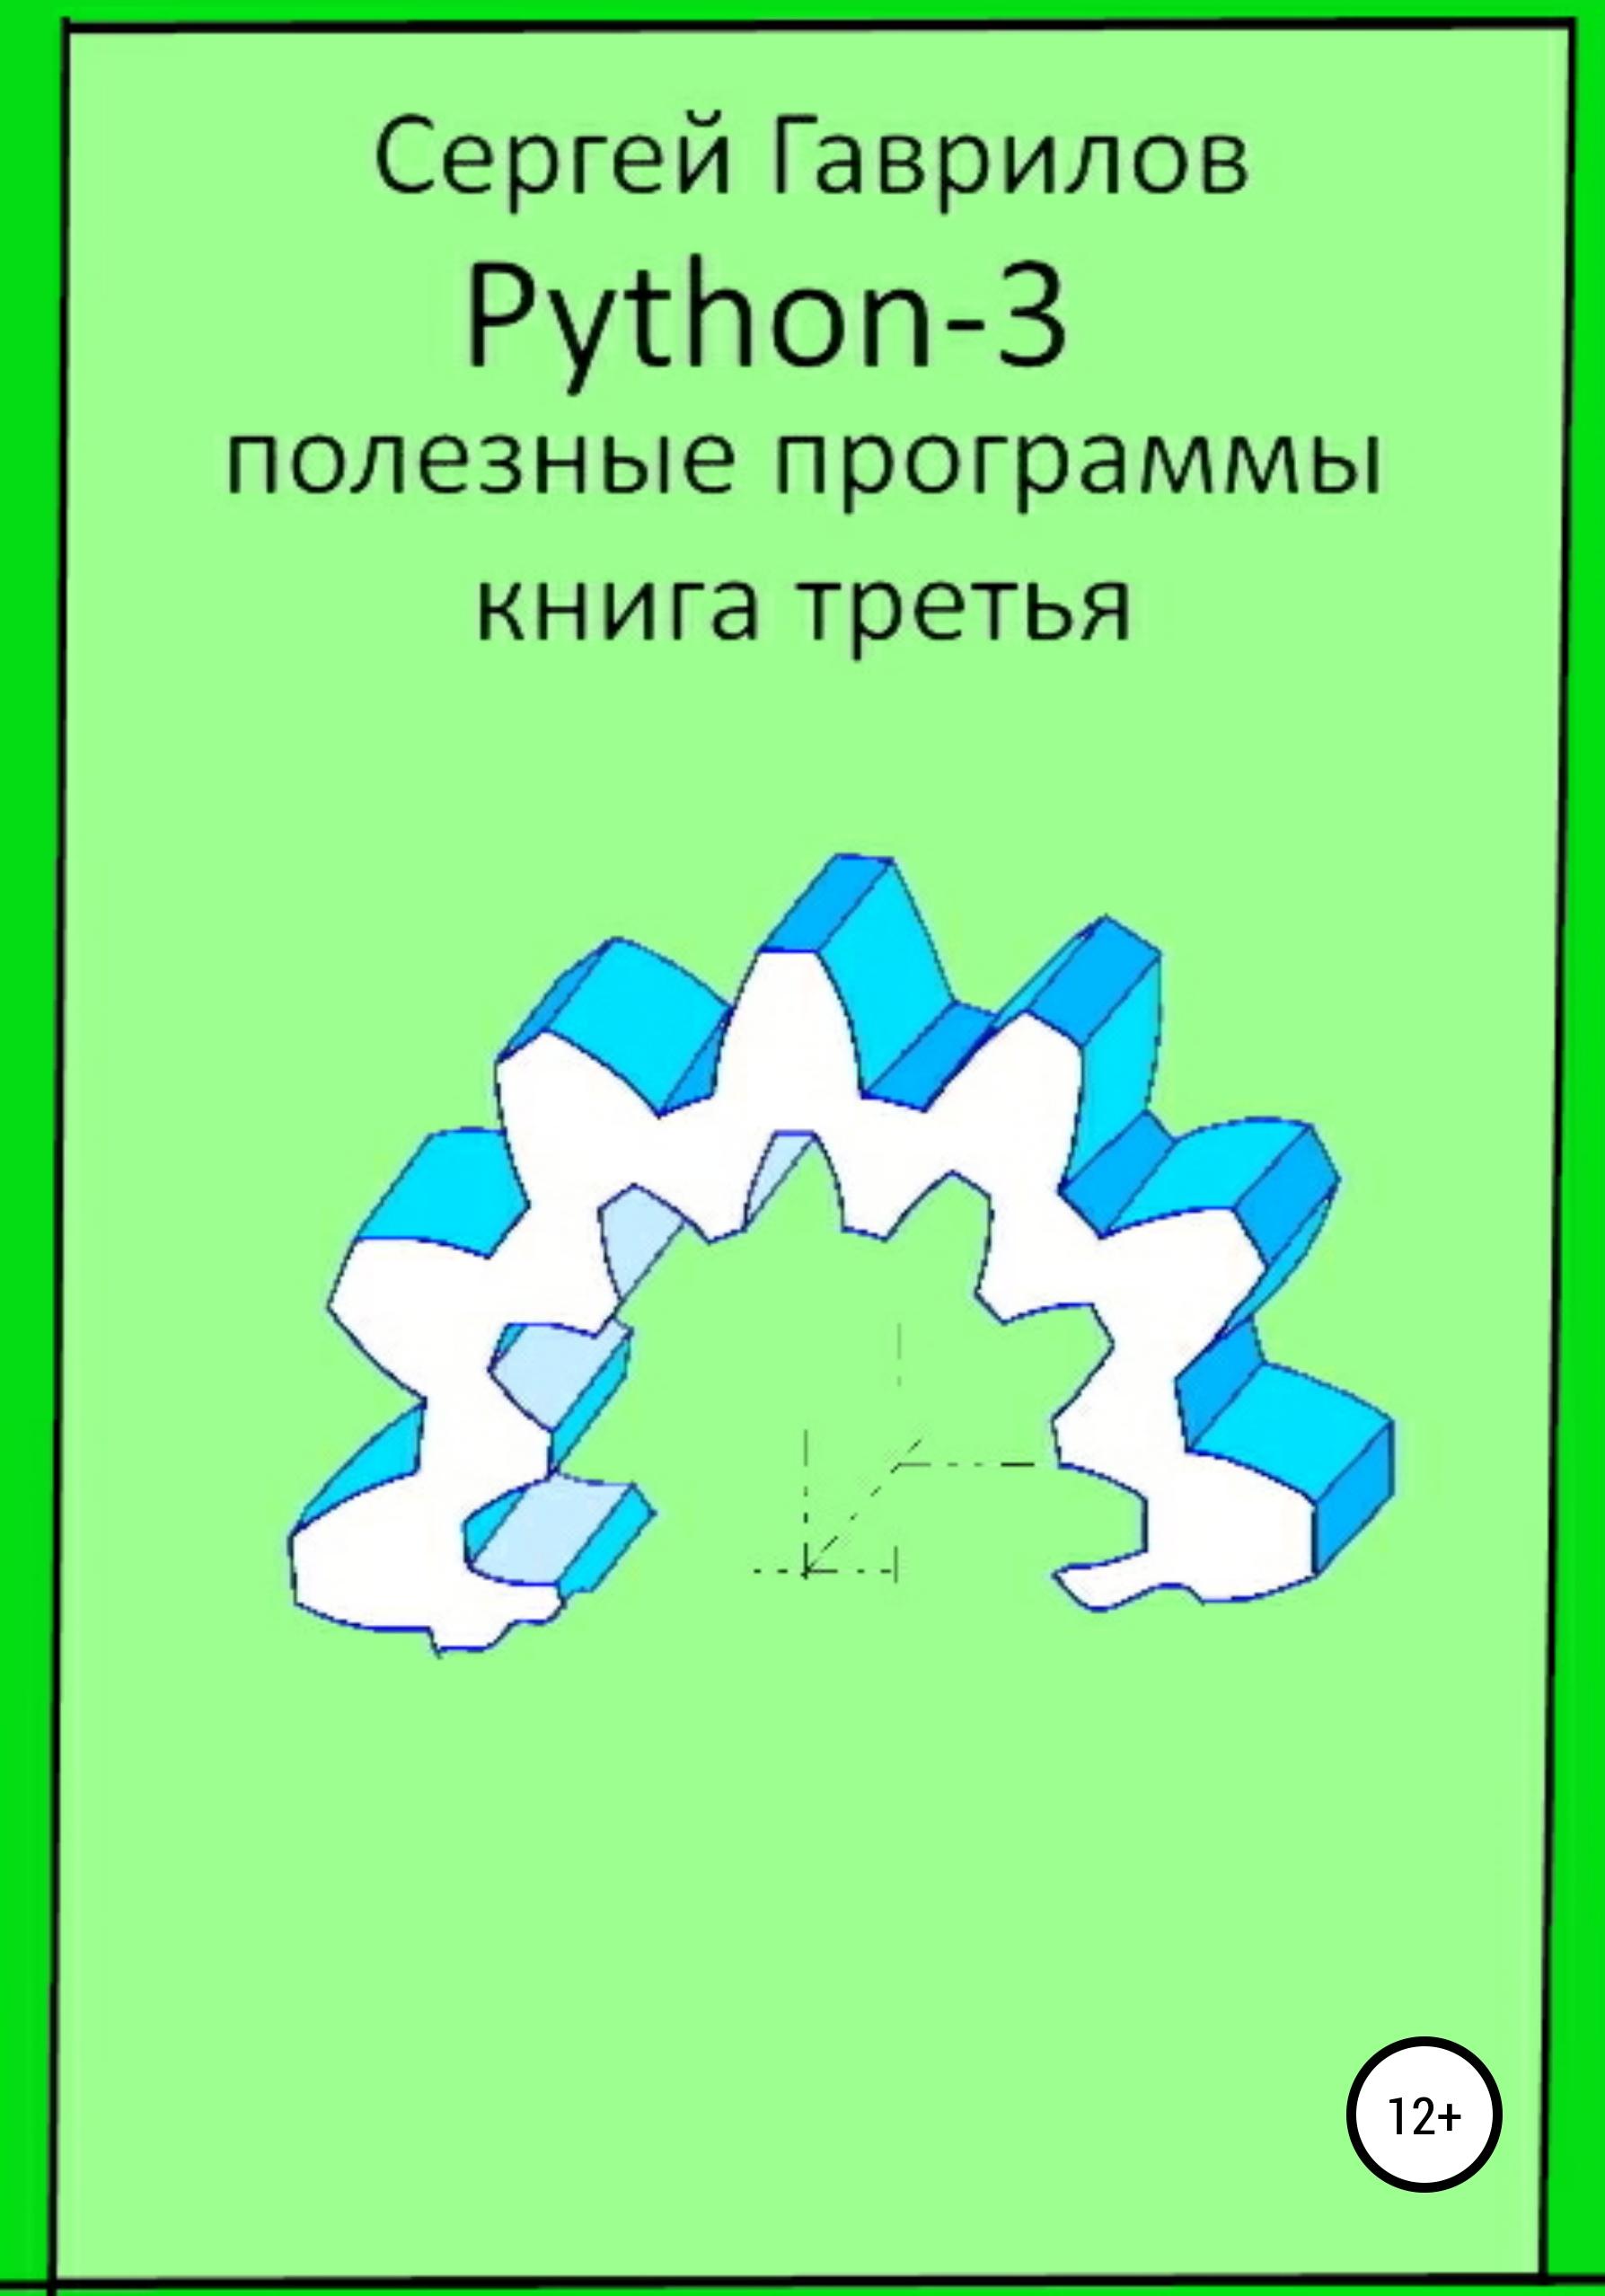 Полезные программы Python-3. Книга третья